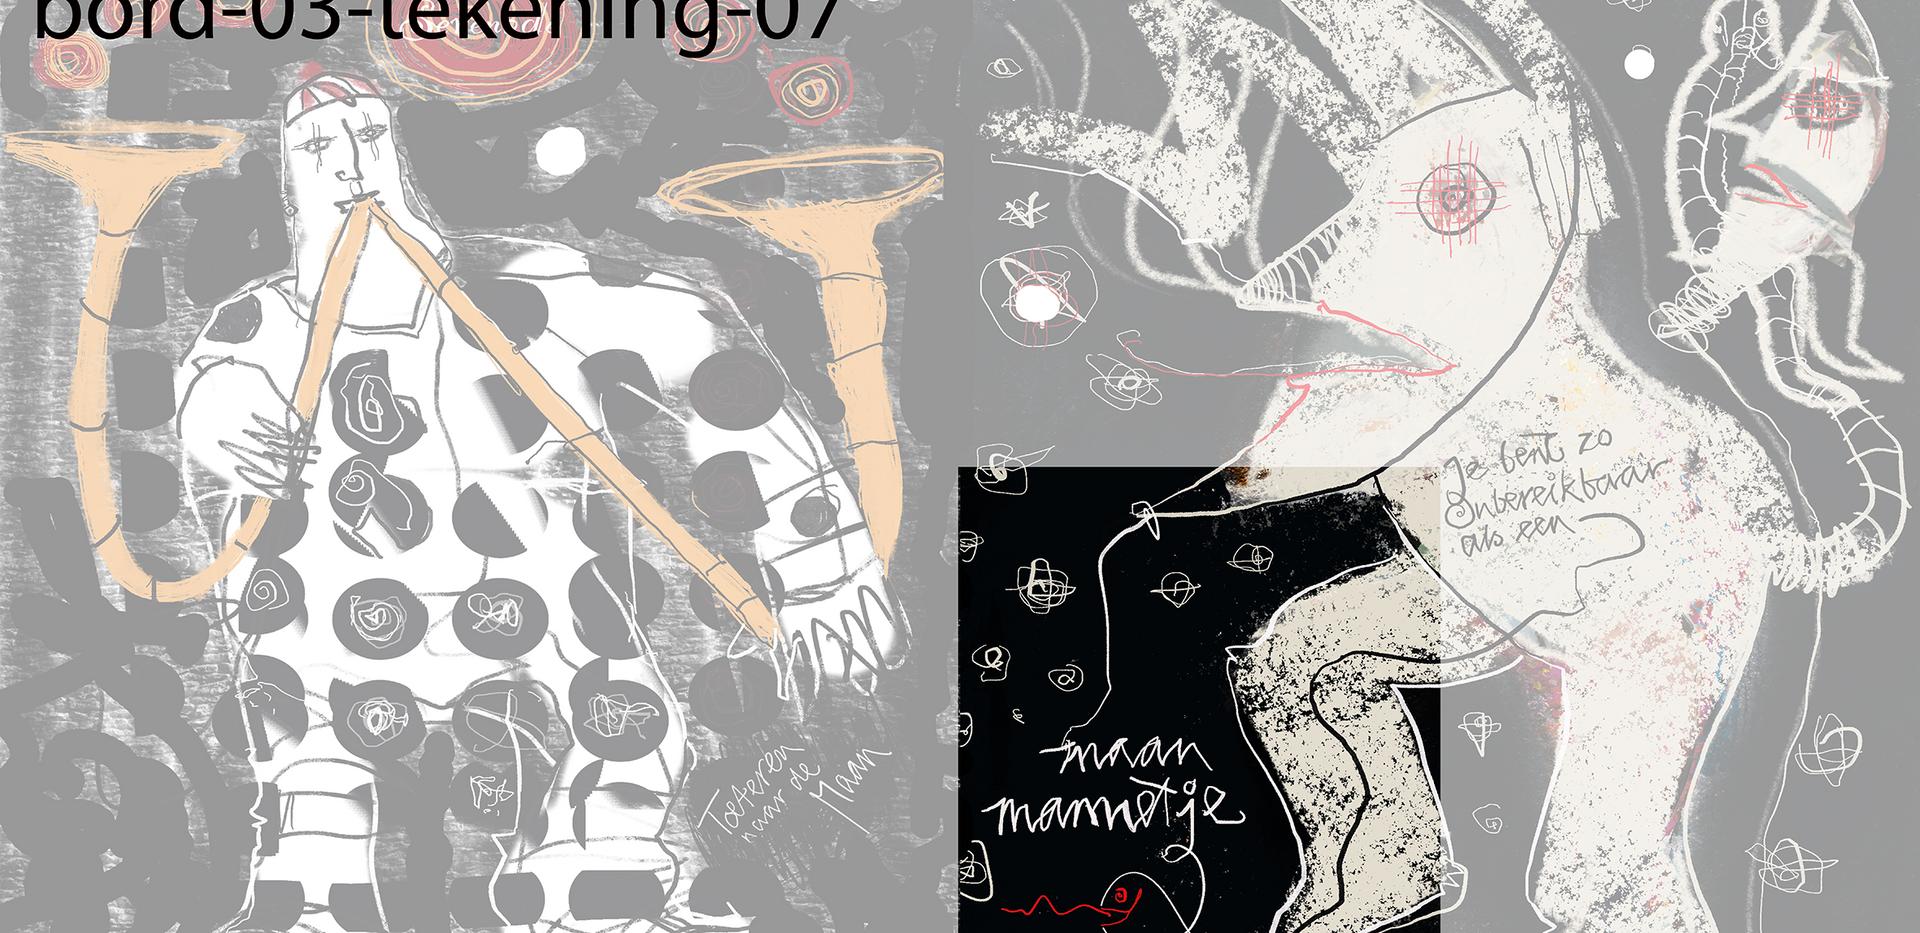 bord-03-tekening-07.png